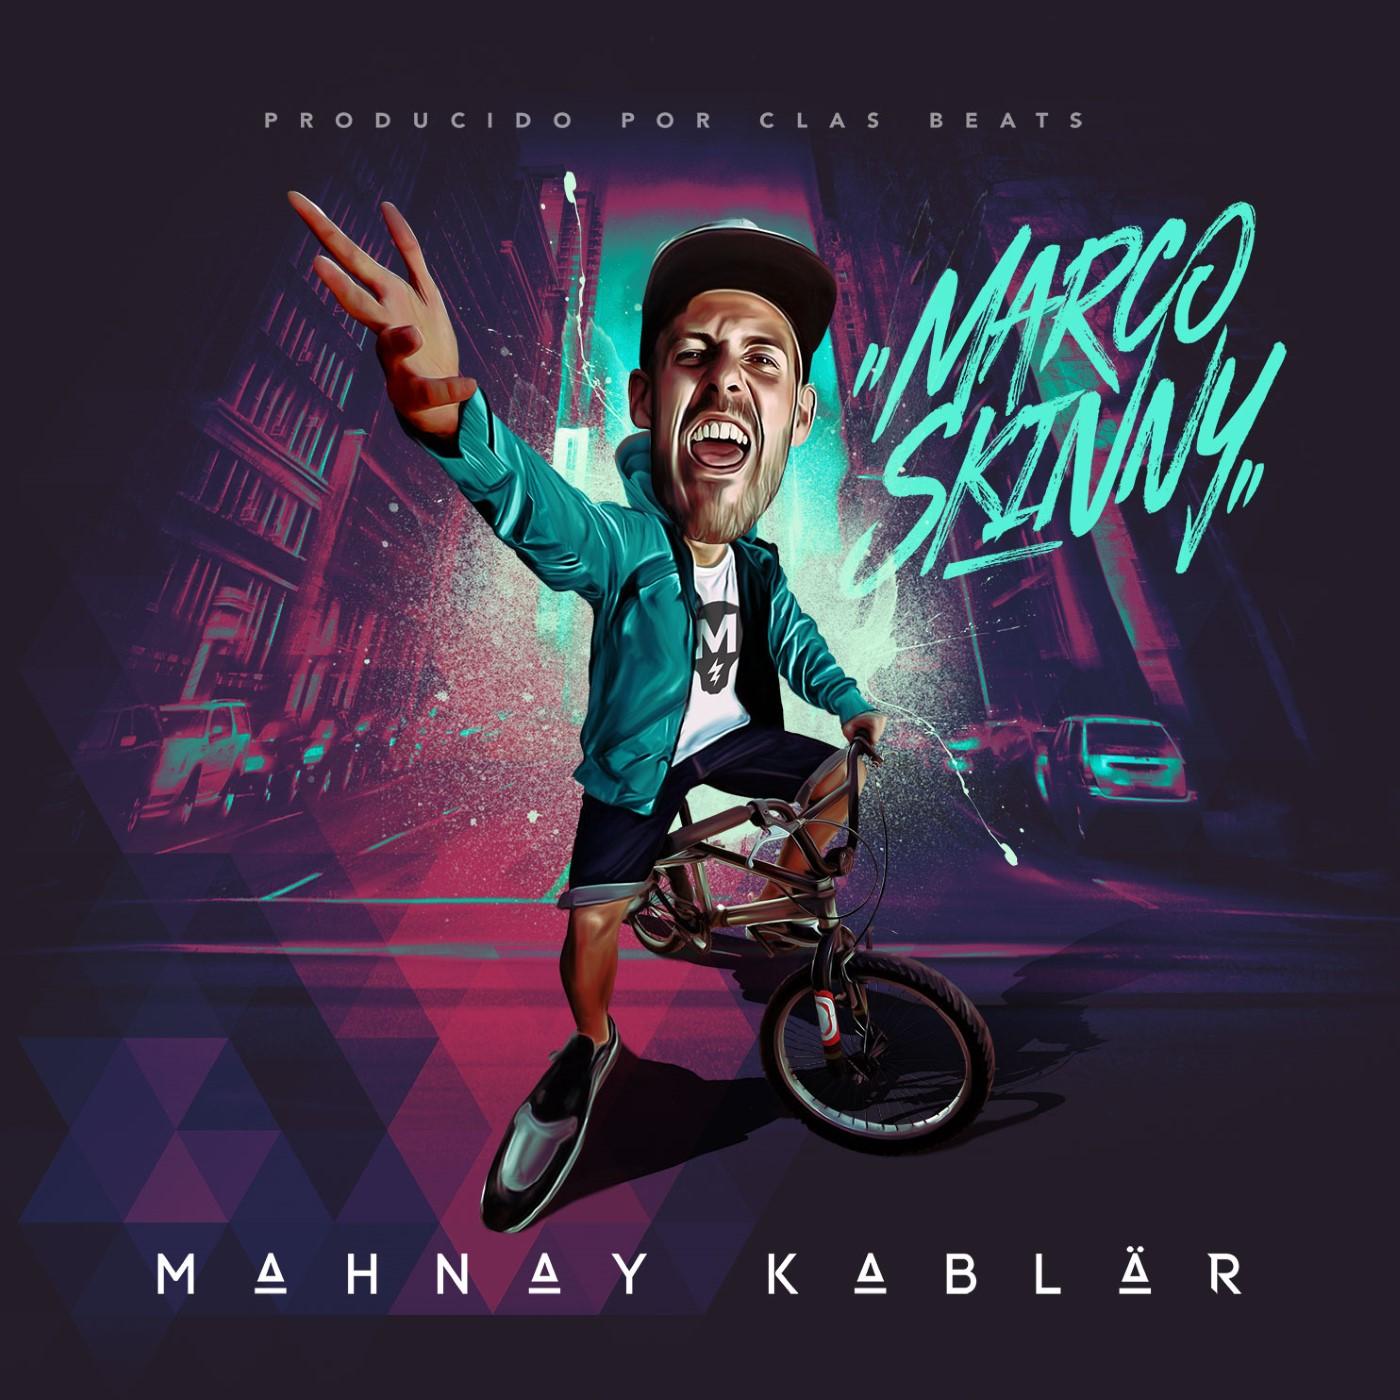 Marco Skinny - Mahnay kablär (Escucha)